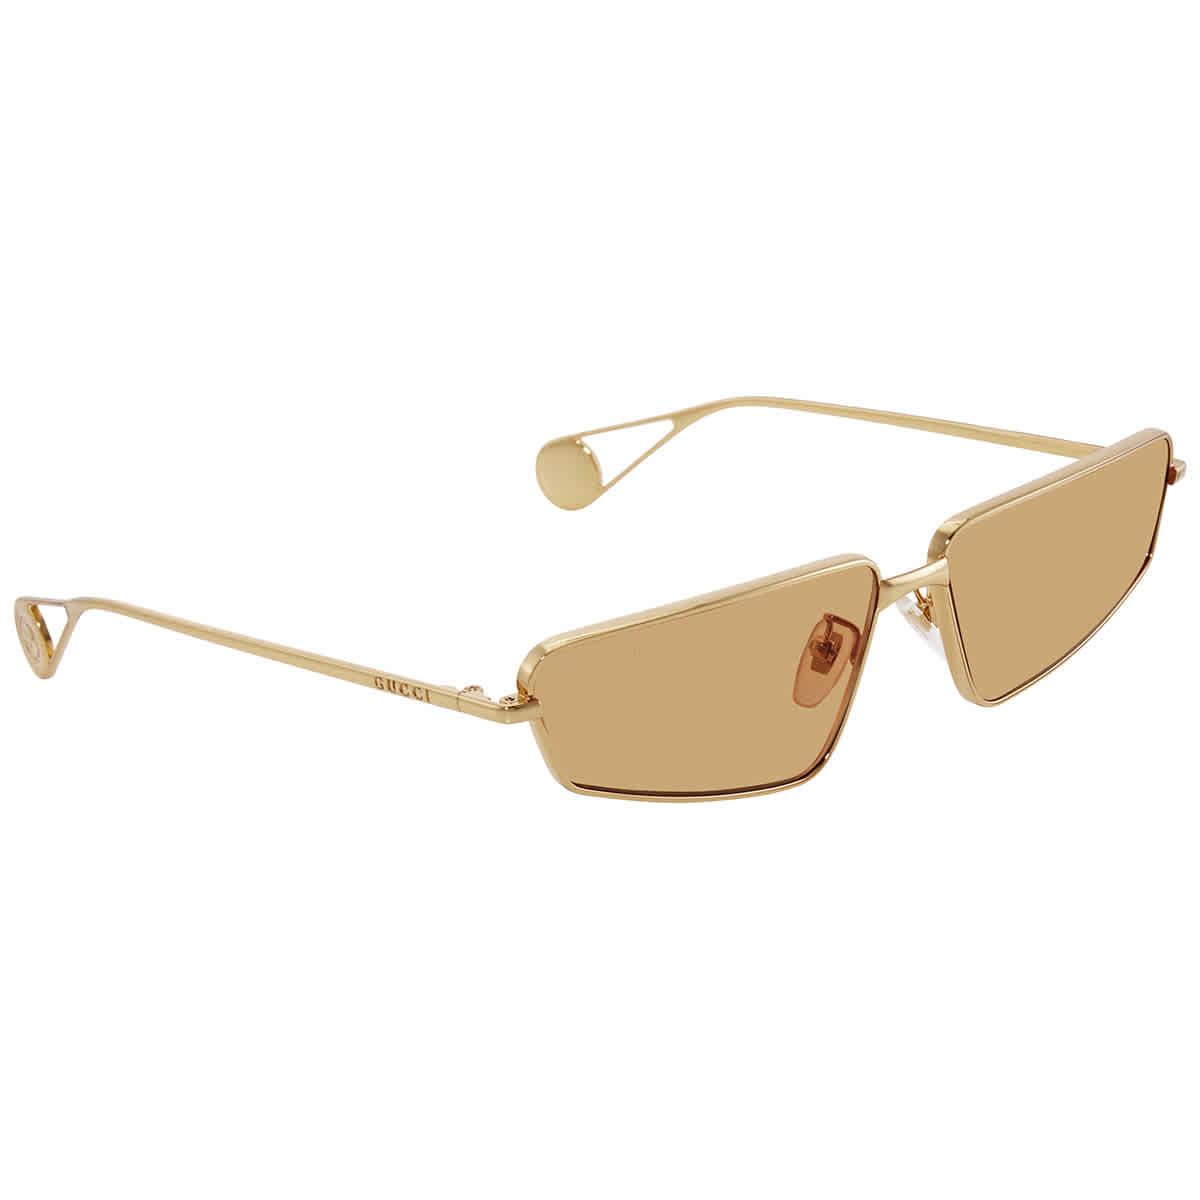 Gucci Orange Ladies Sunglasses Gg0537s 004 63 In Transparent